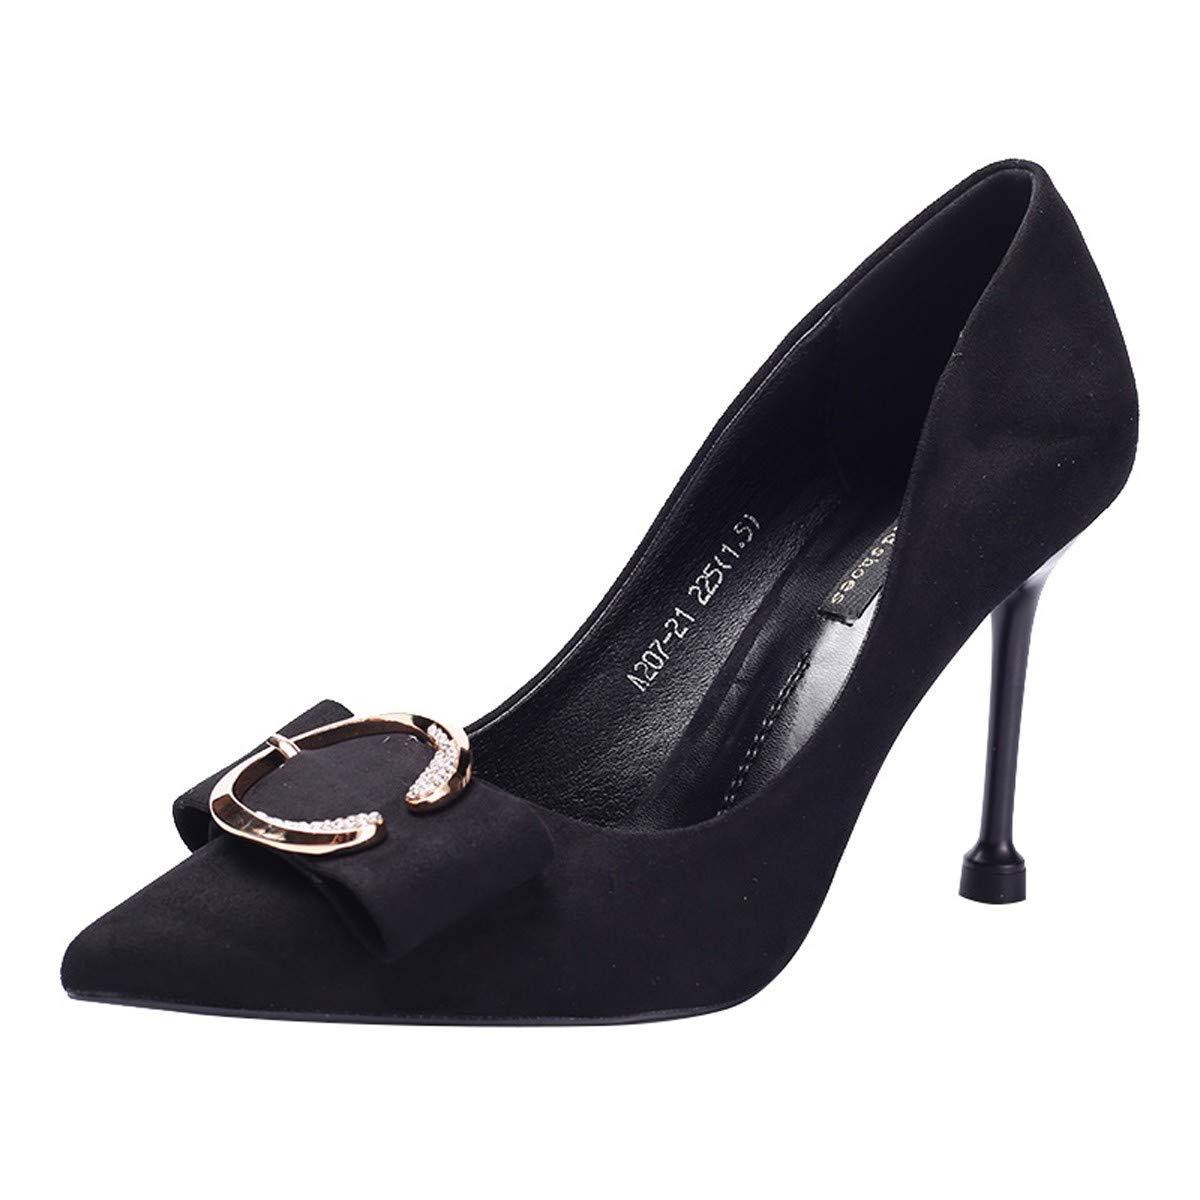 HBDLH Damenschuhe Schöne Schuhe Bögen 9Cm High High High Heels Spitze Wildleder 100 Sätze Einzelne Schuhe Metall Schnallen Mode Damenschuhe d9fc26